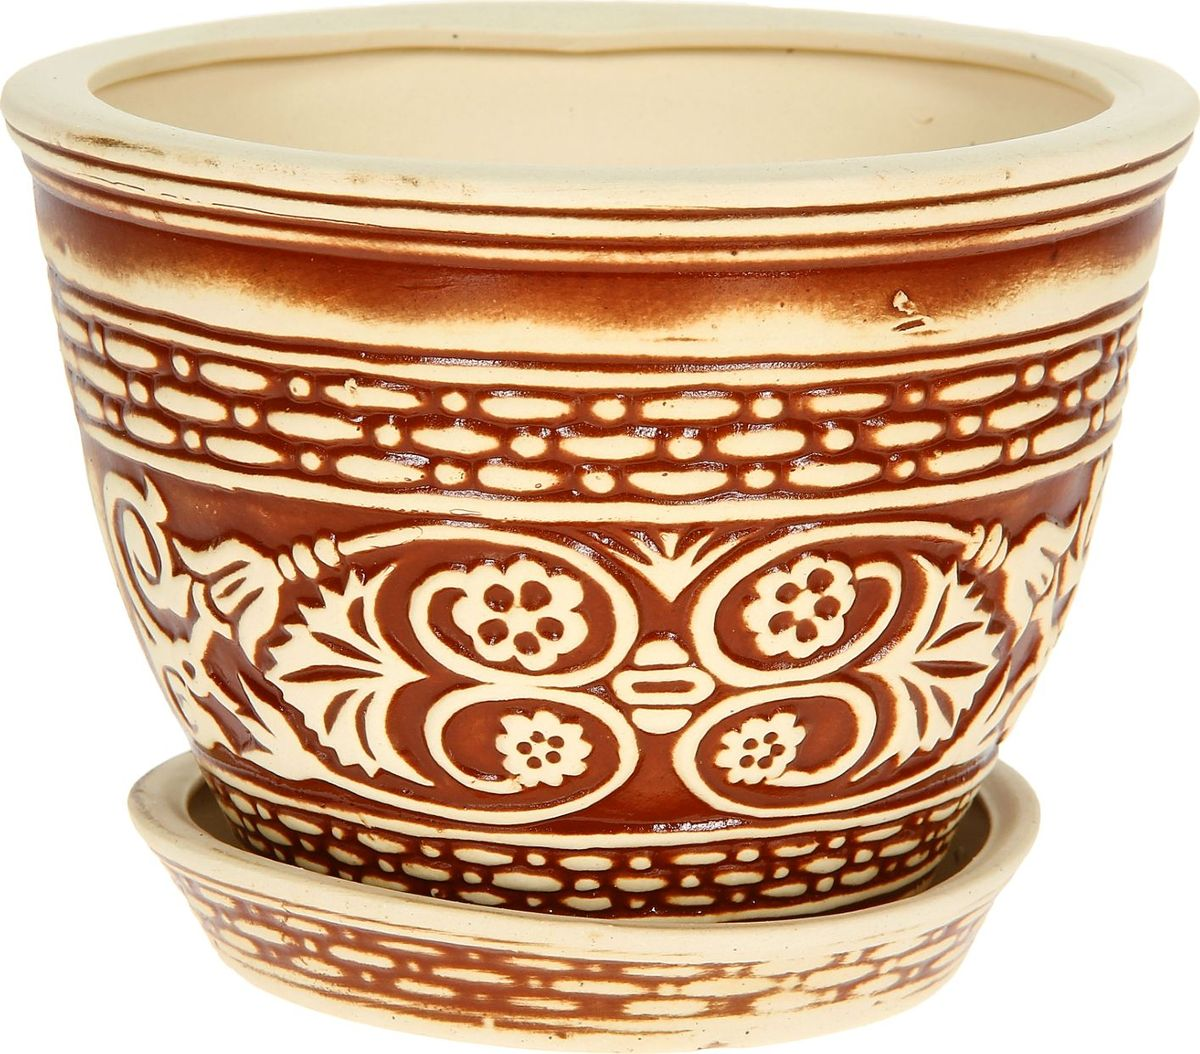 Кашпо Керамика ручной работы Венеция, цвет: коричневый, 4 л